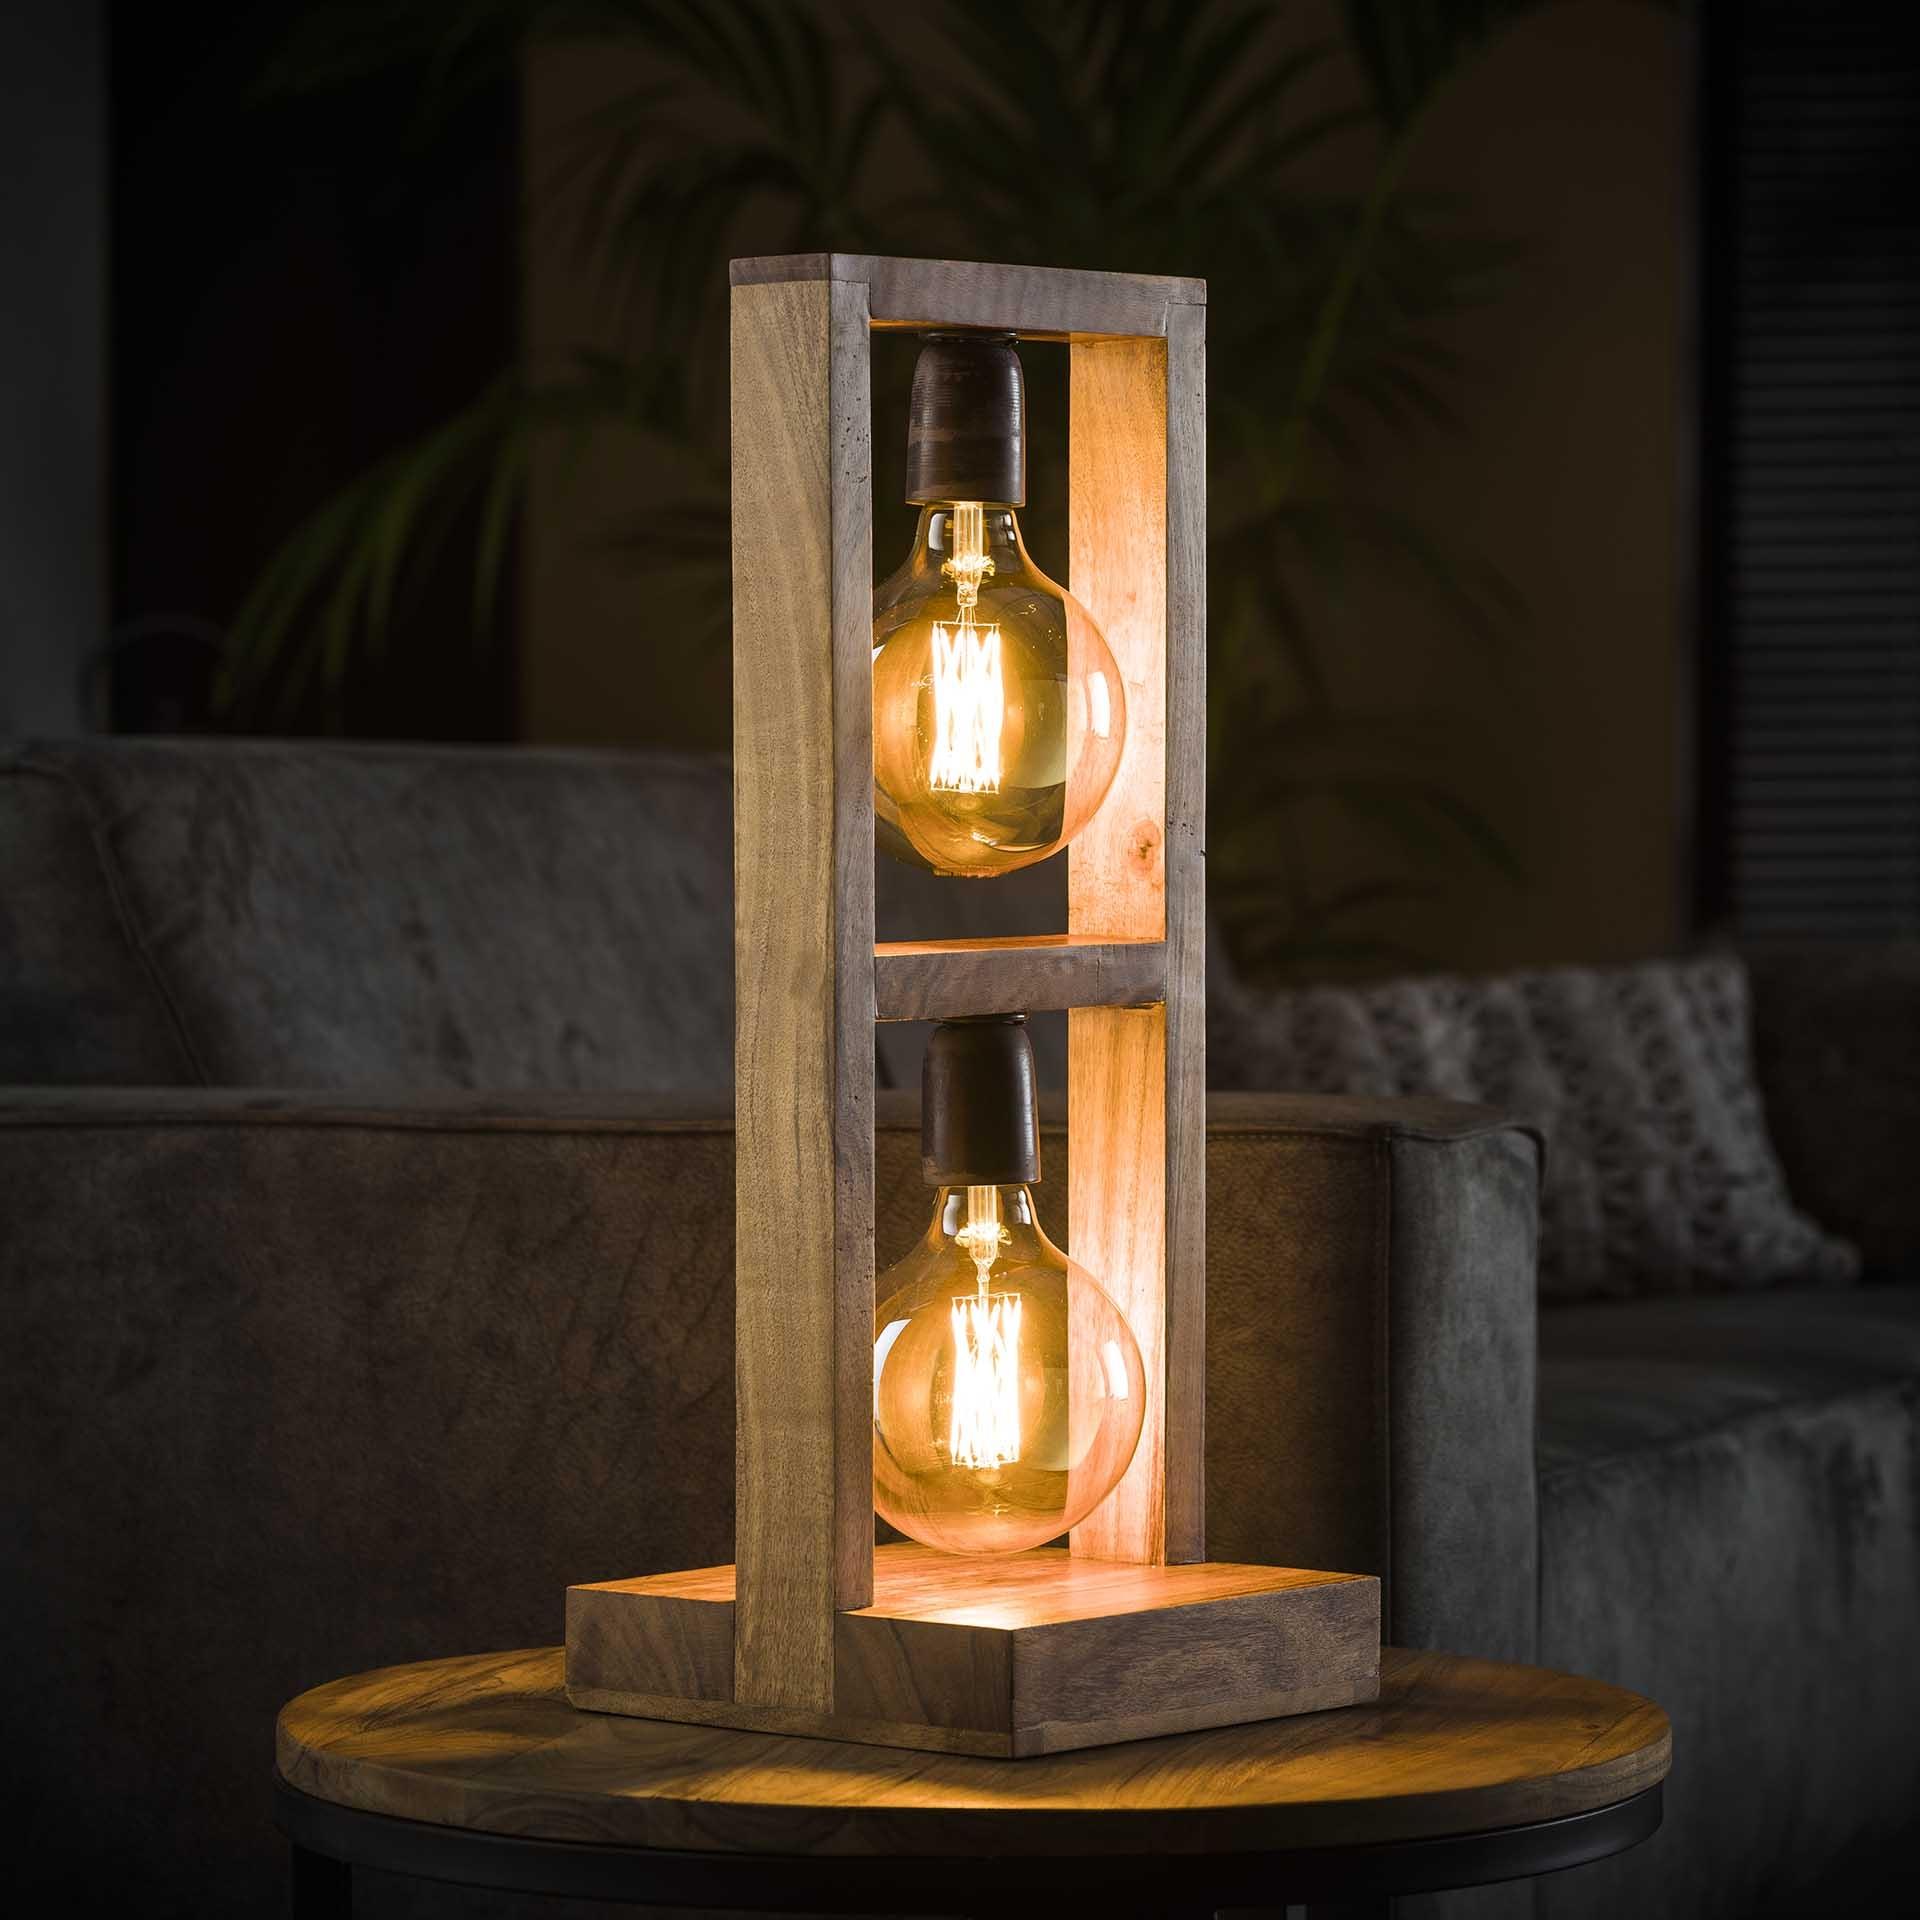 Tafellamp Modulo 58 cm hoog in acacia naturel